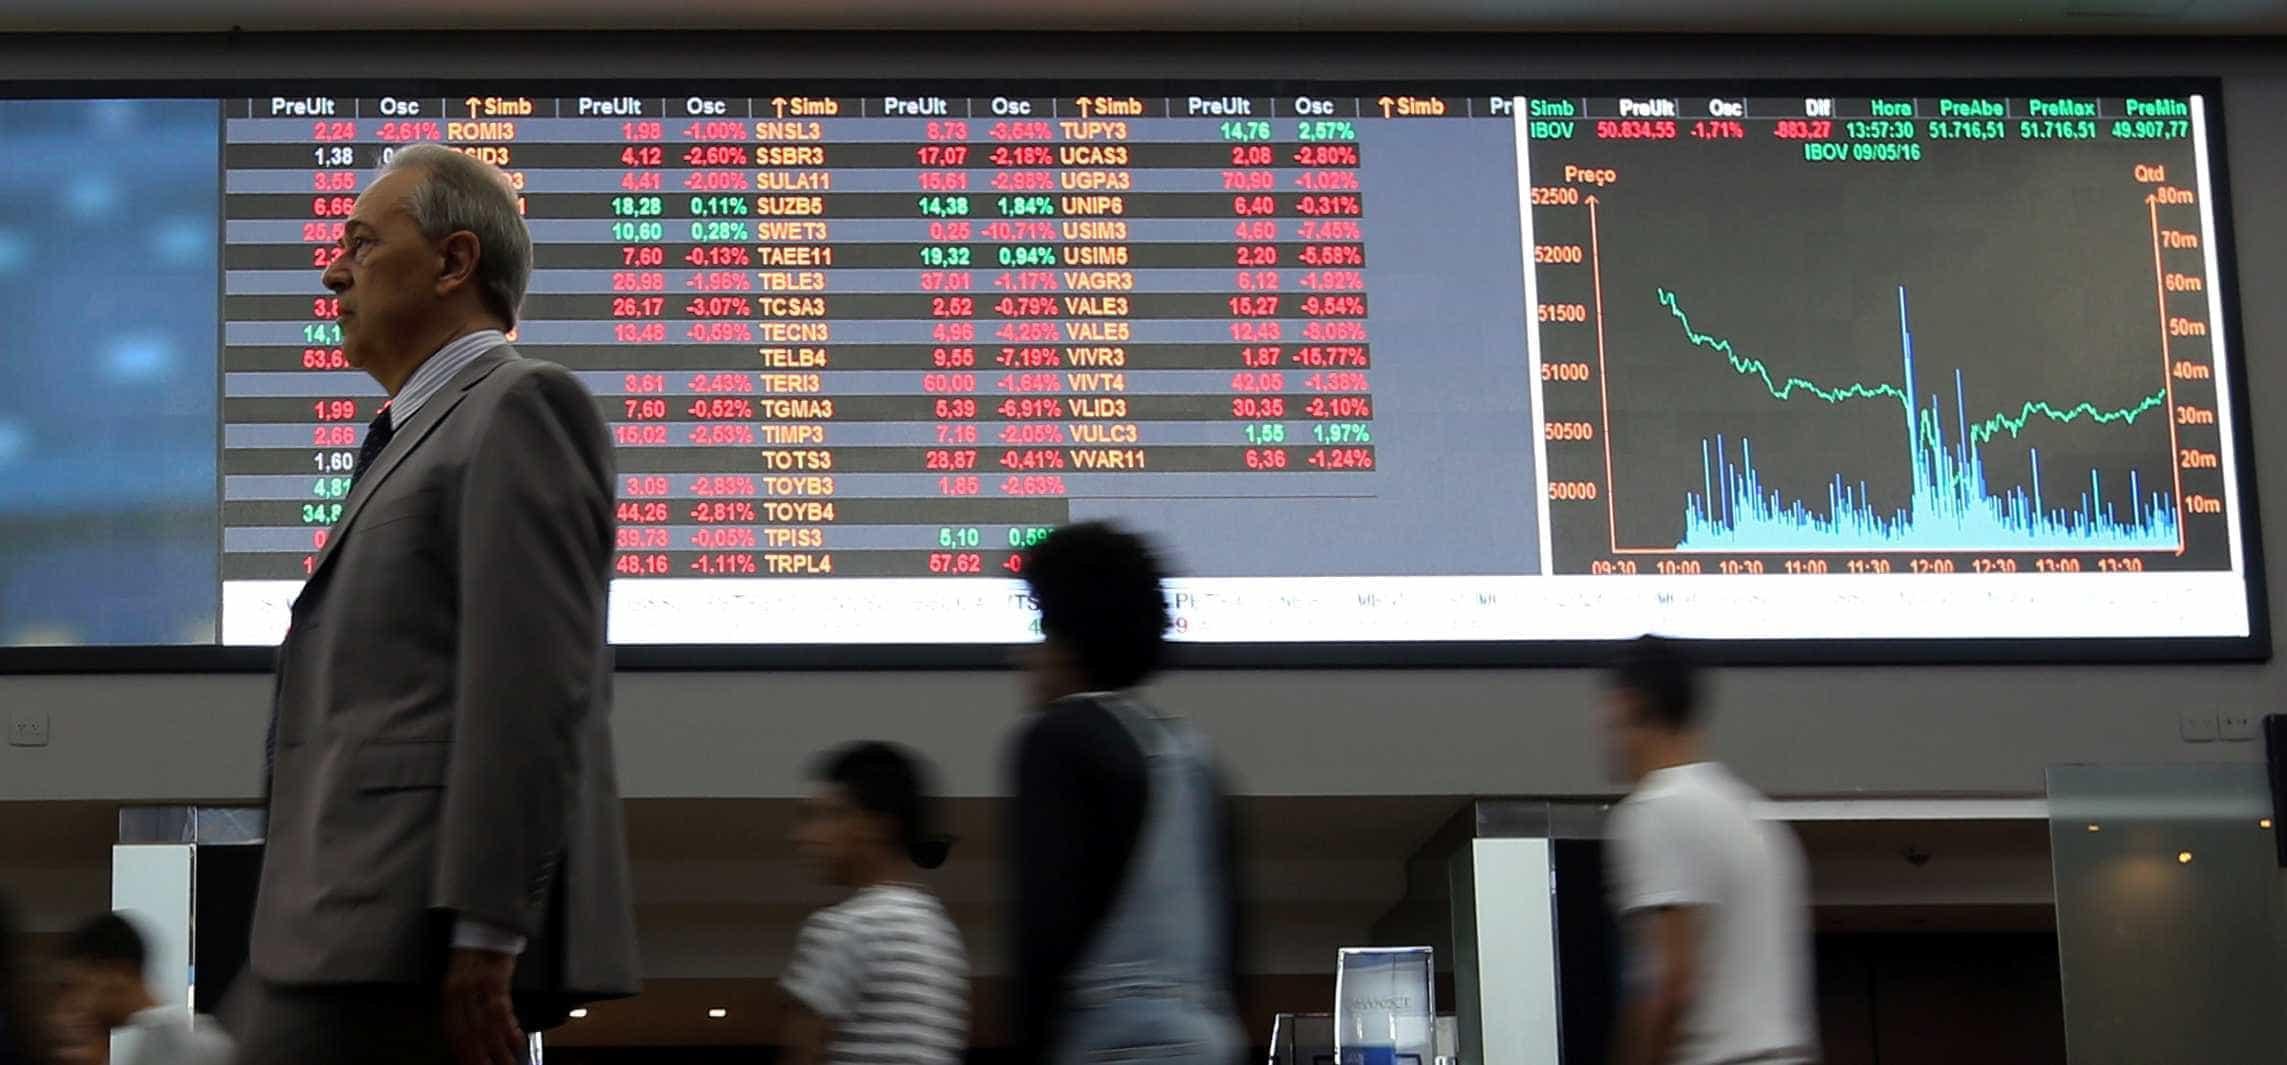 Bolsa sobe 3,3% em ajuste pós-Carnaval; dólar cai para R$ 3,22